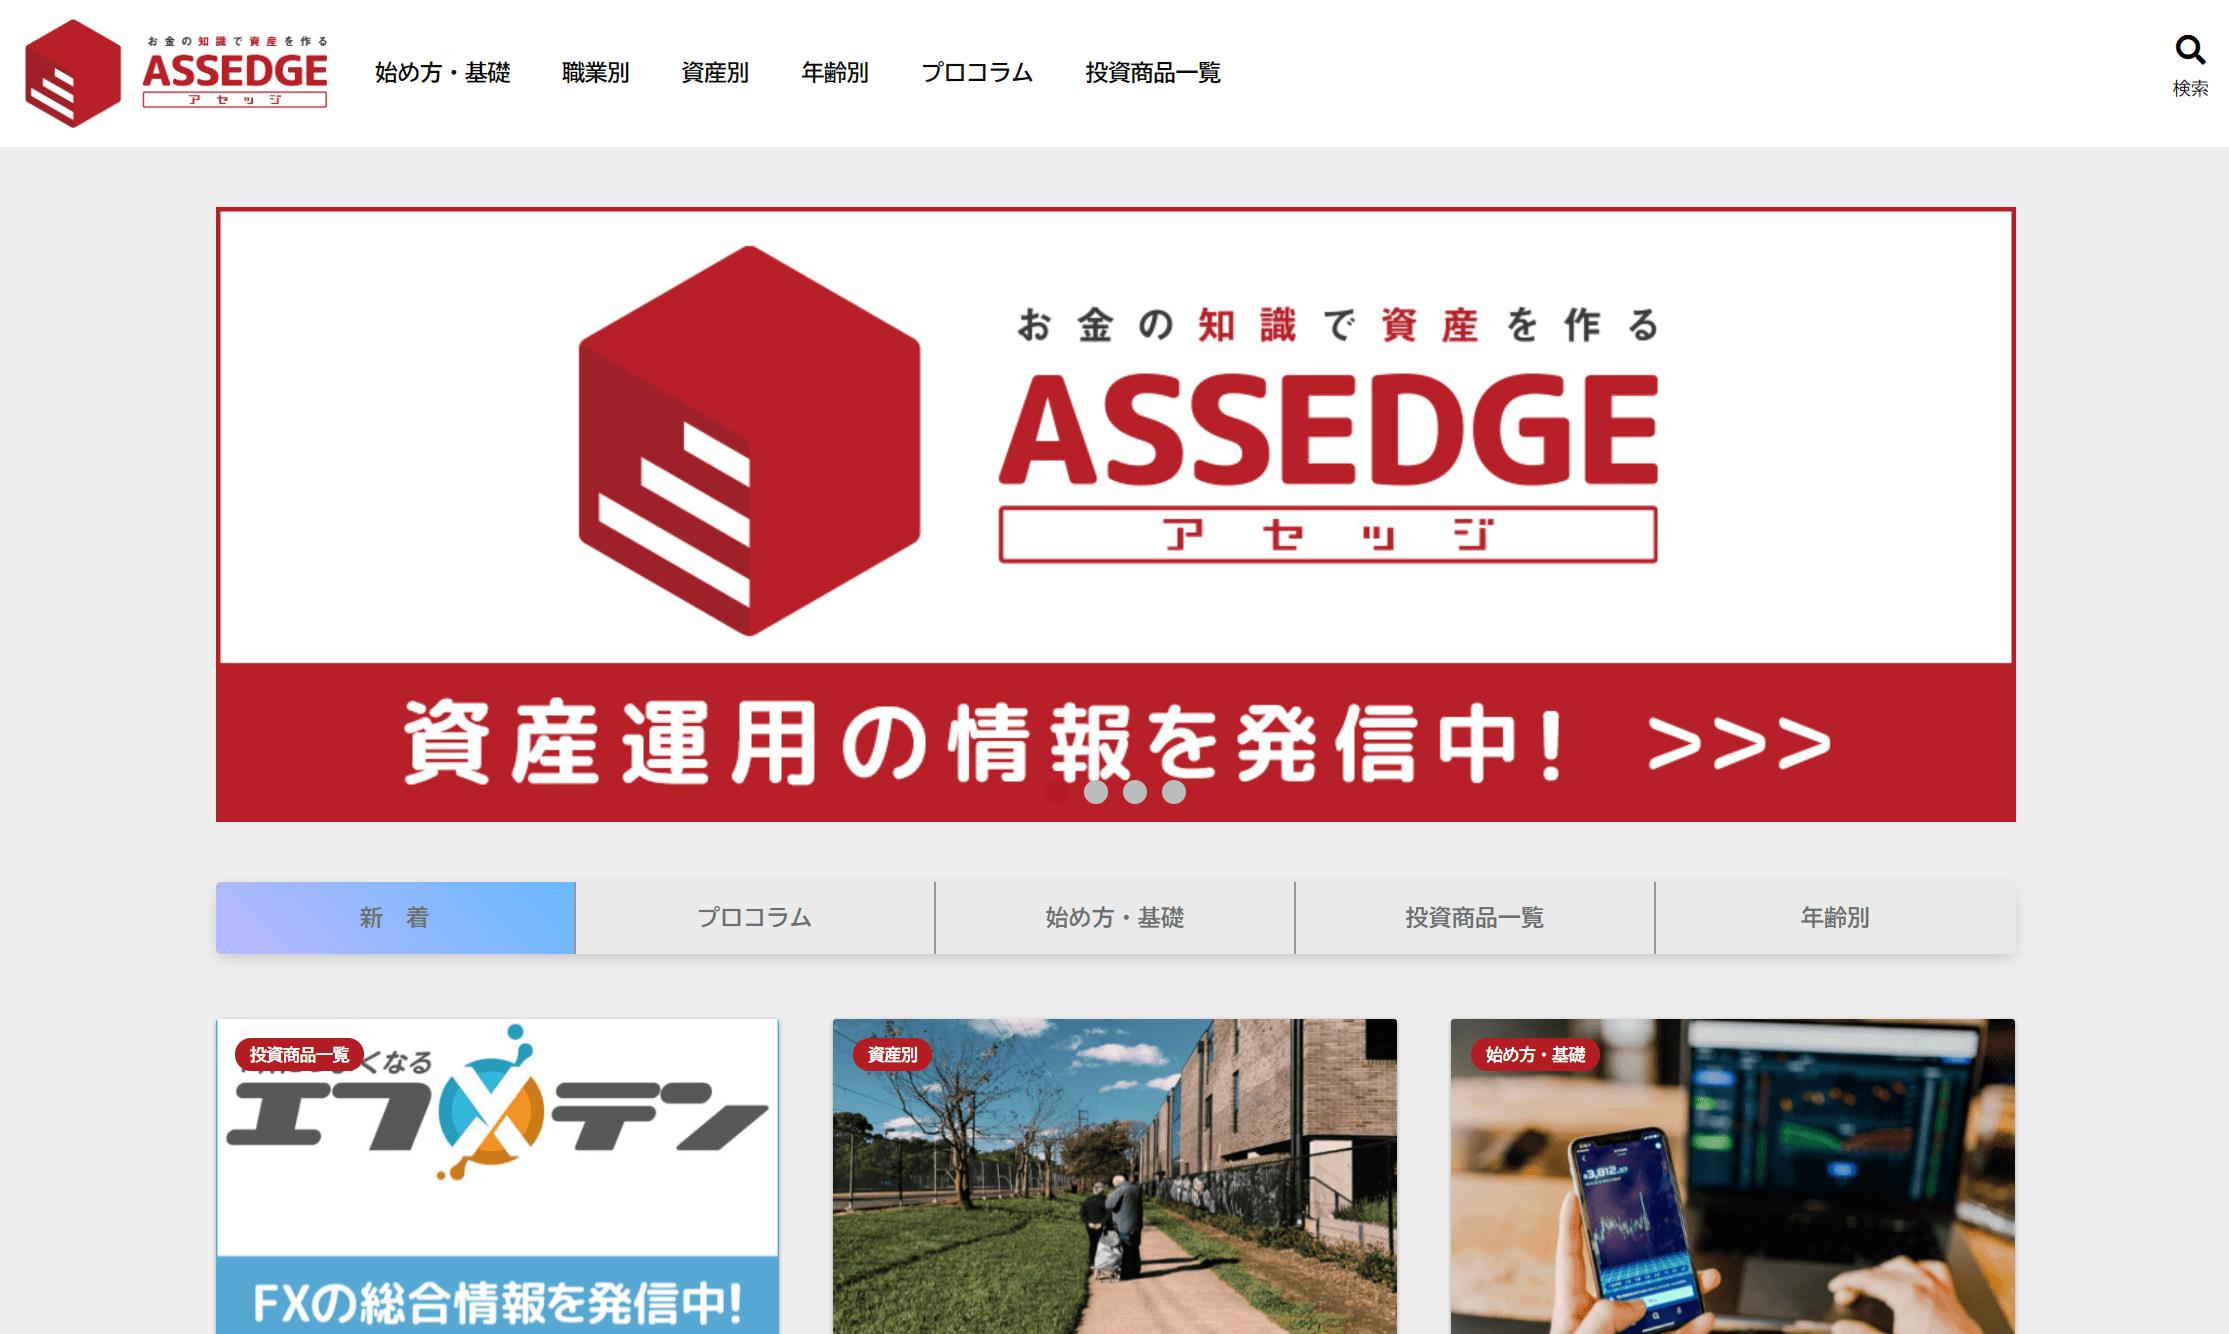 資産運用初心者向けの情報サイト「アセッジ」